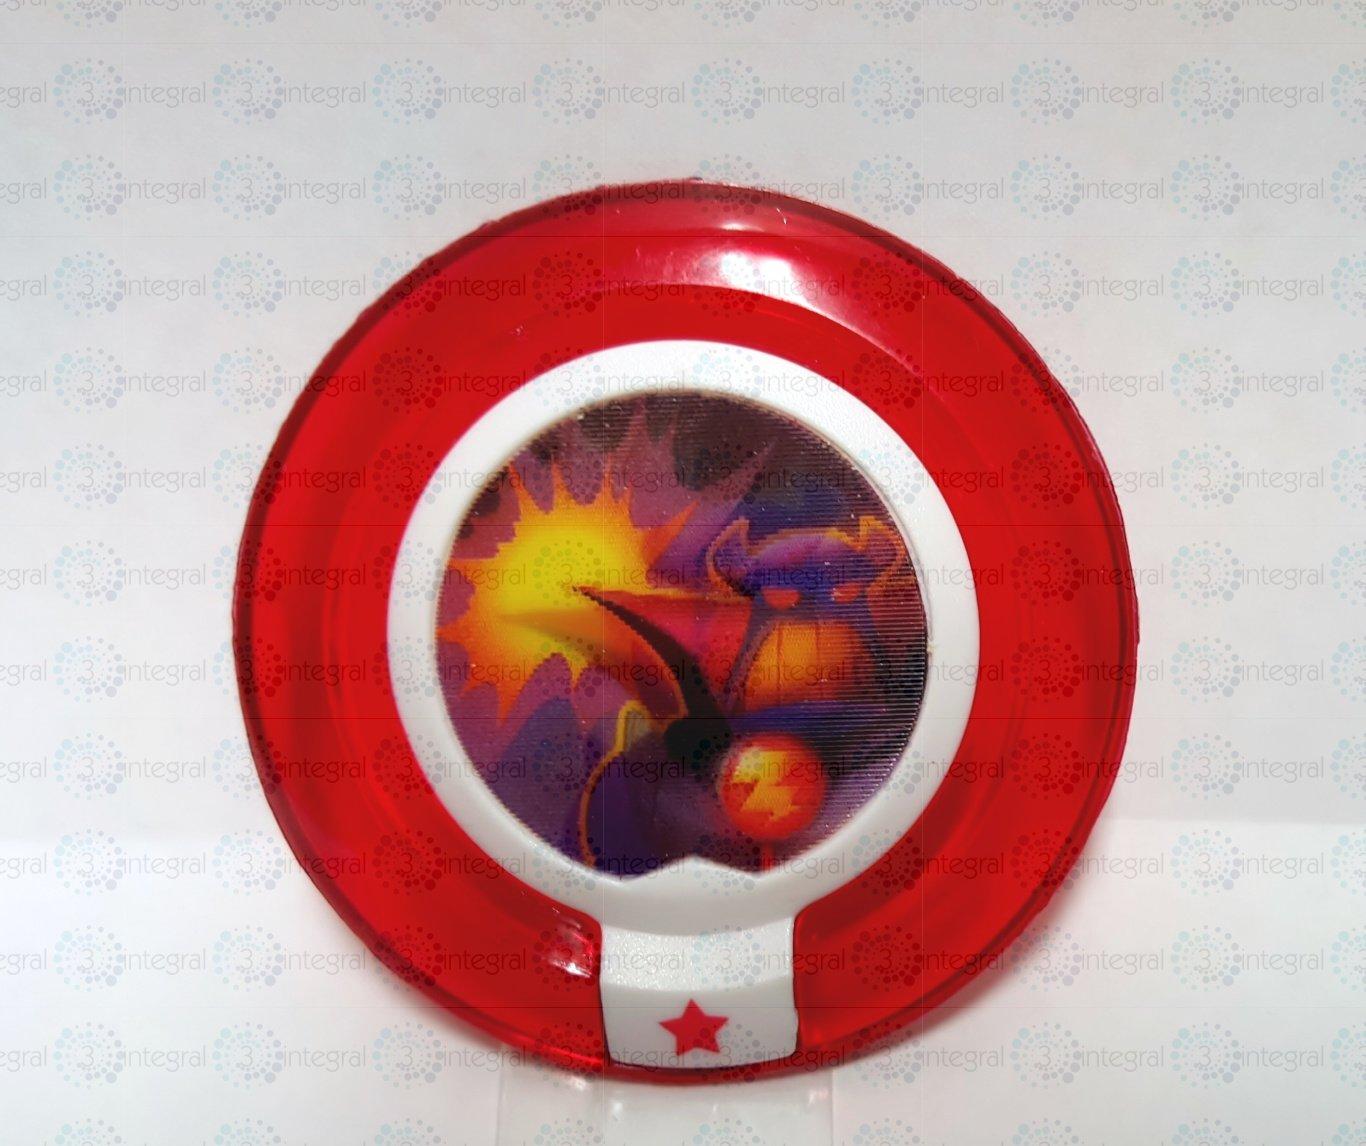 디즈니 인피니티 파워 디스크 황제 주르그의 분노 결투 이미지 1.0 에디션